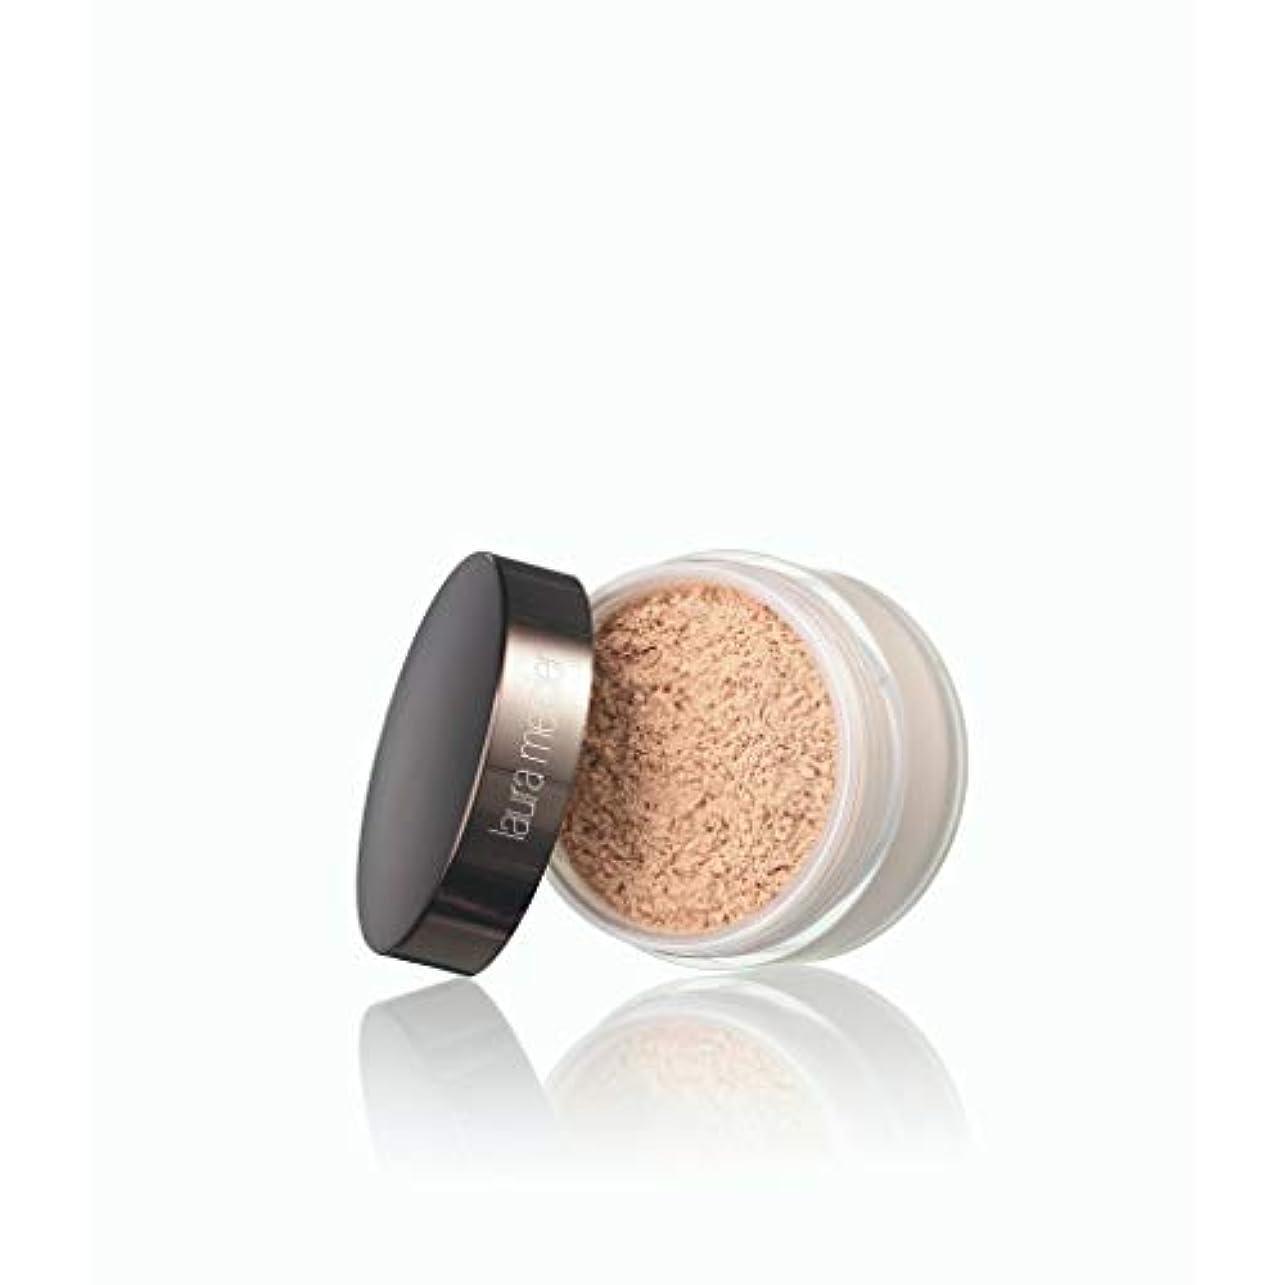 章復活インデックスローラメルシエ トランスルーセント グロー ルース セッティング パウダー Laura Mercier Translucent Glow Loose Setting Powder